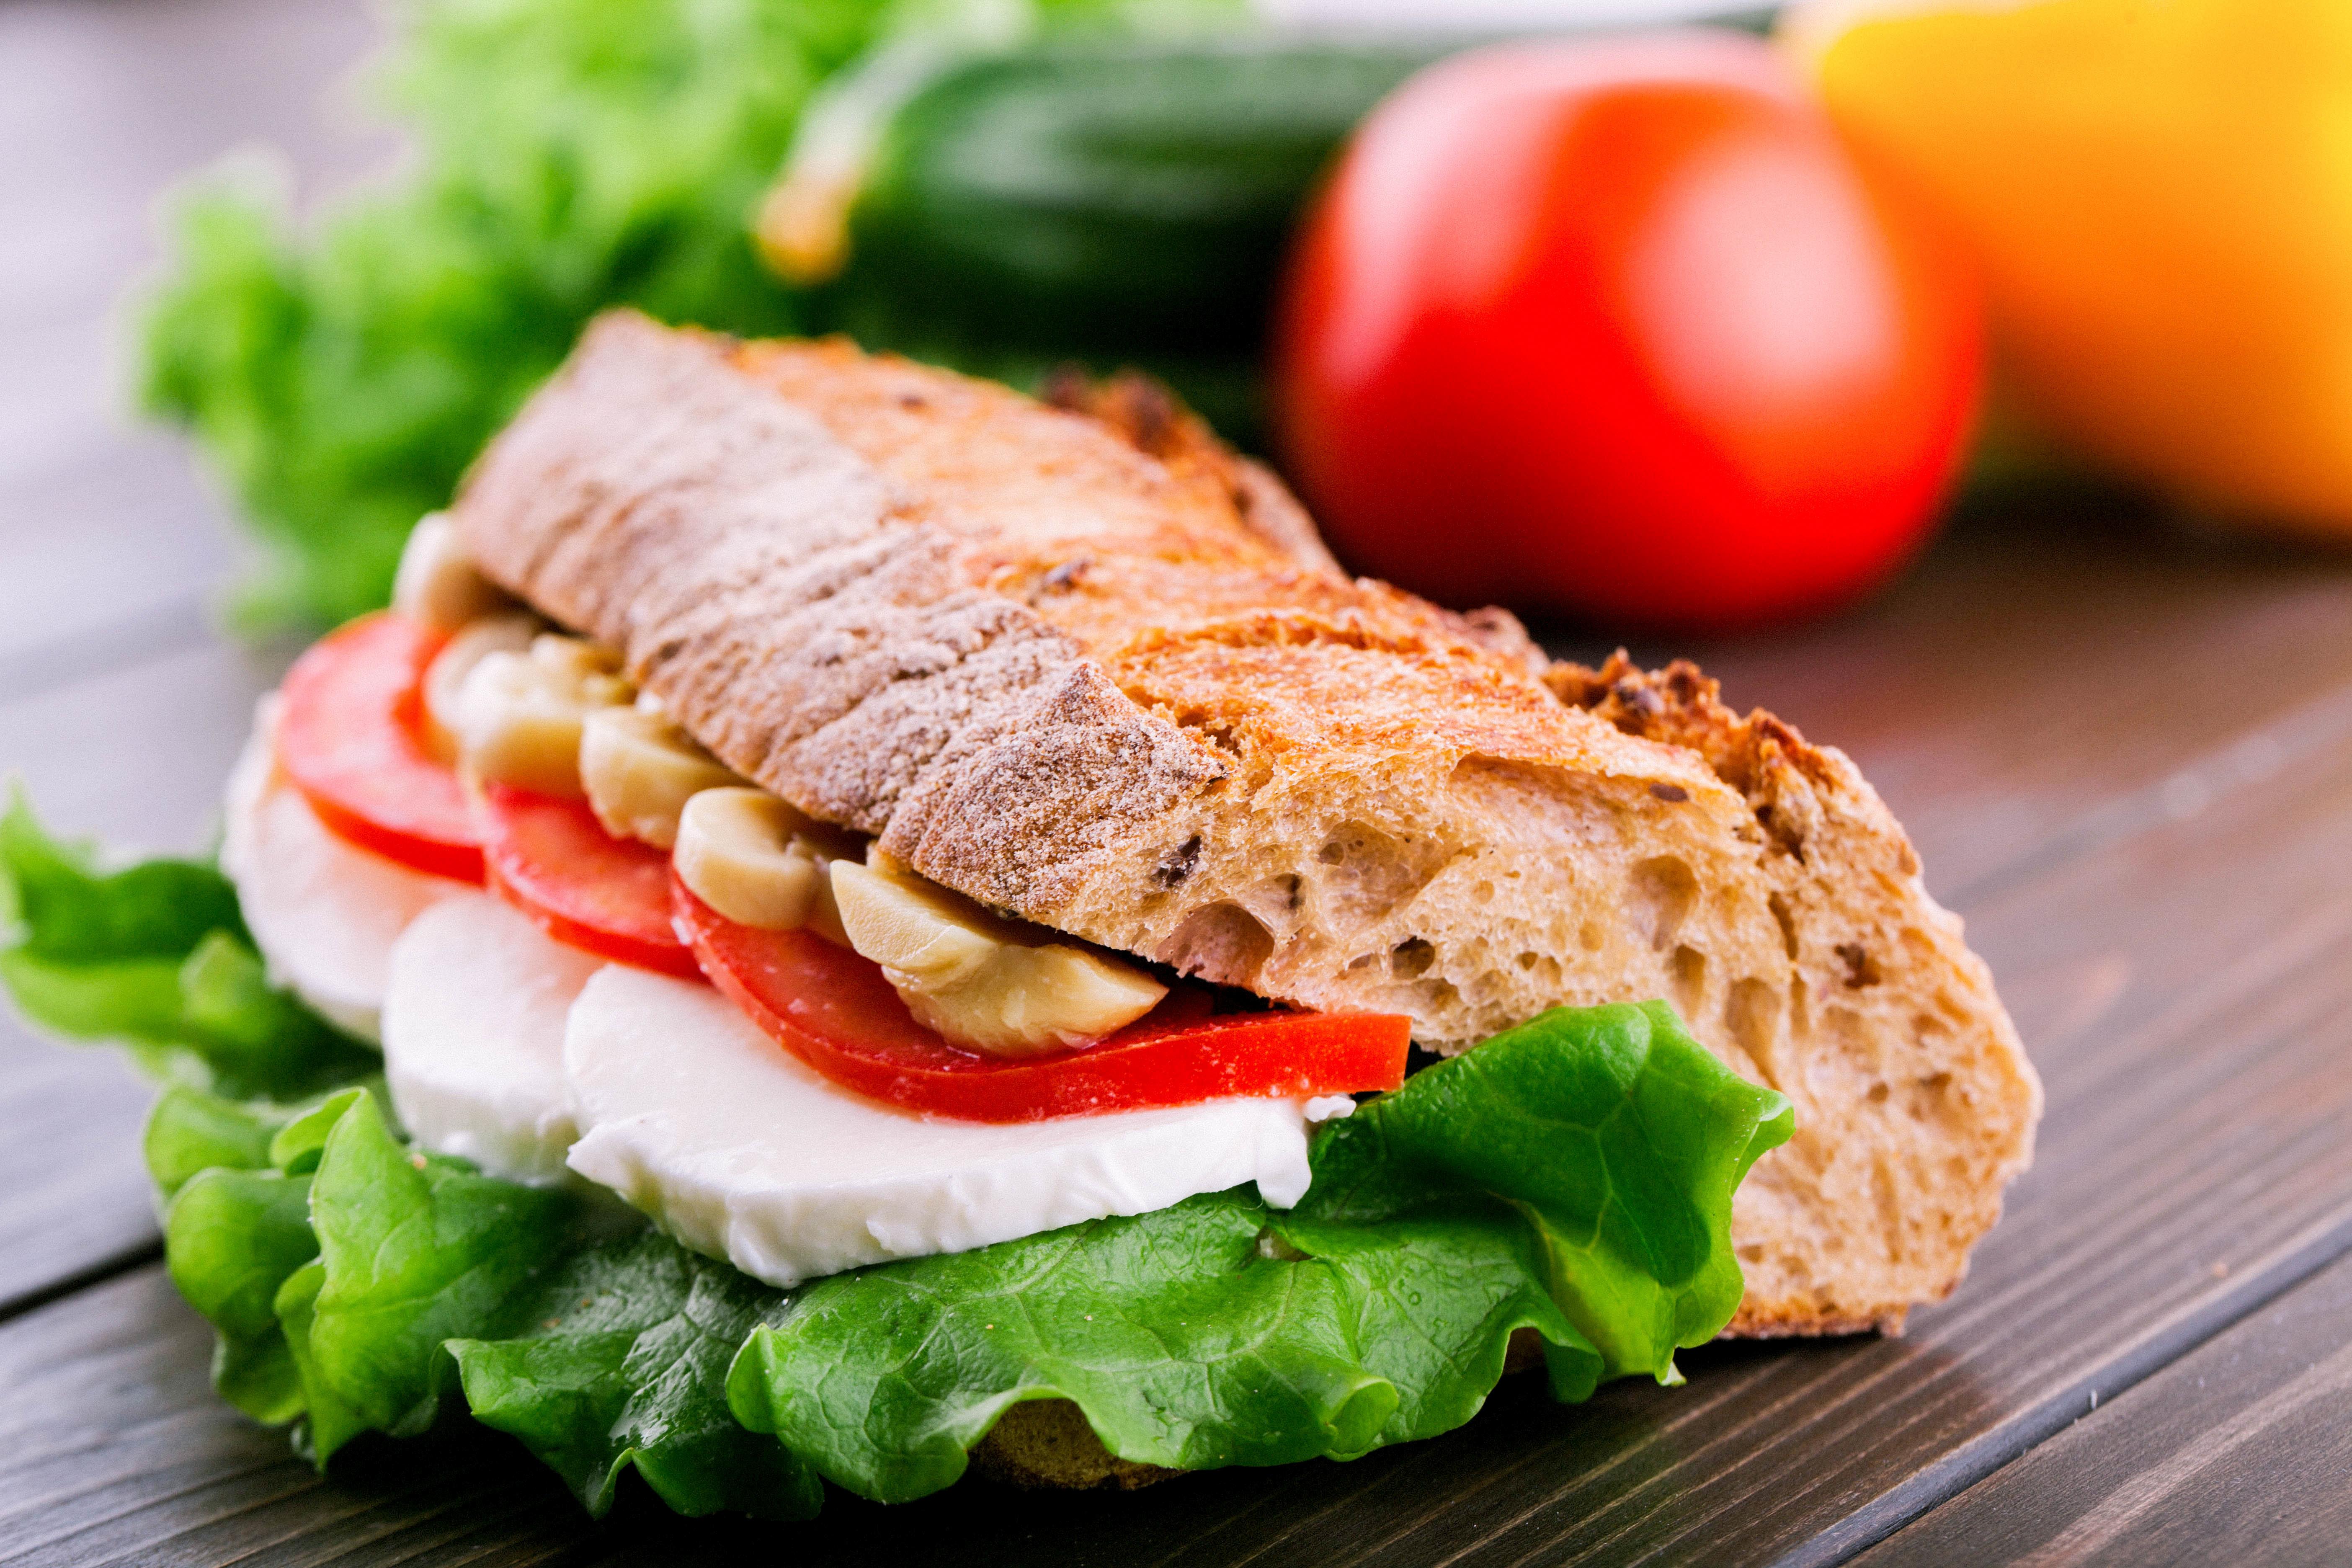 Hoy va de bocadillos saludables for Cocina saludable